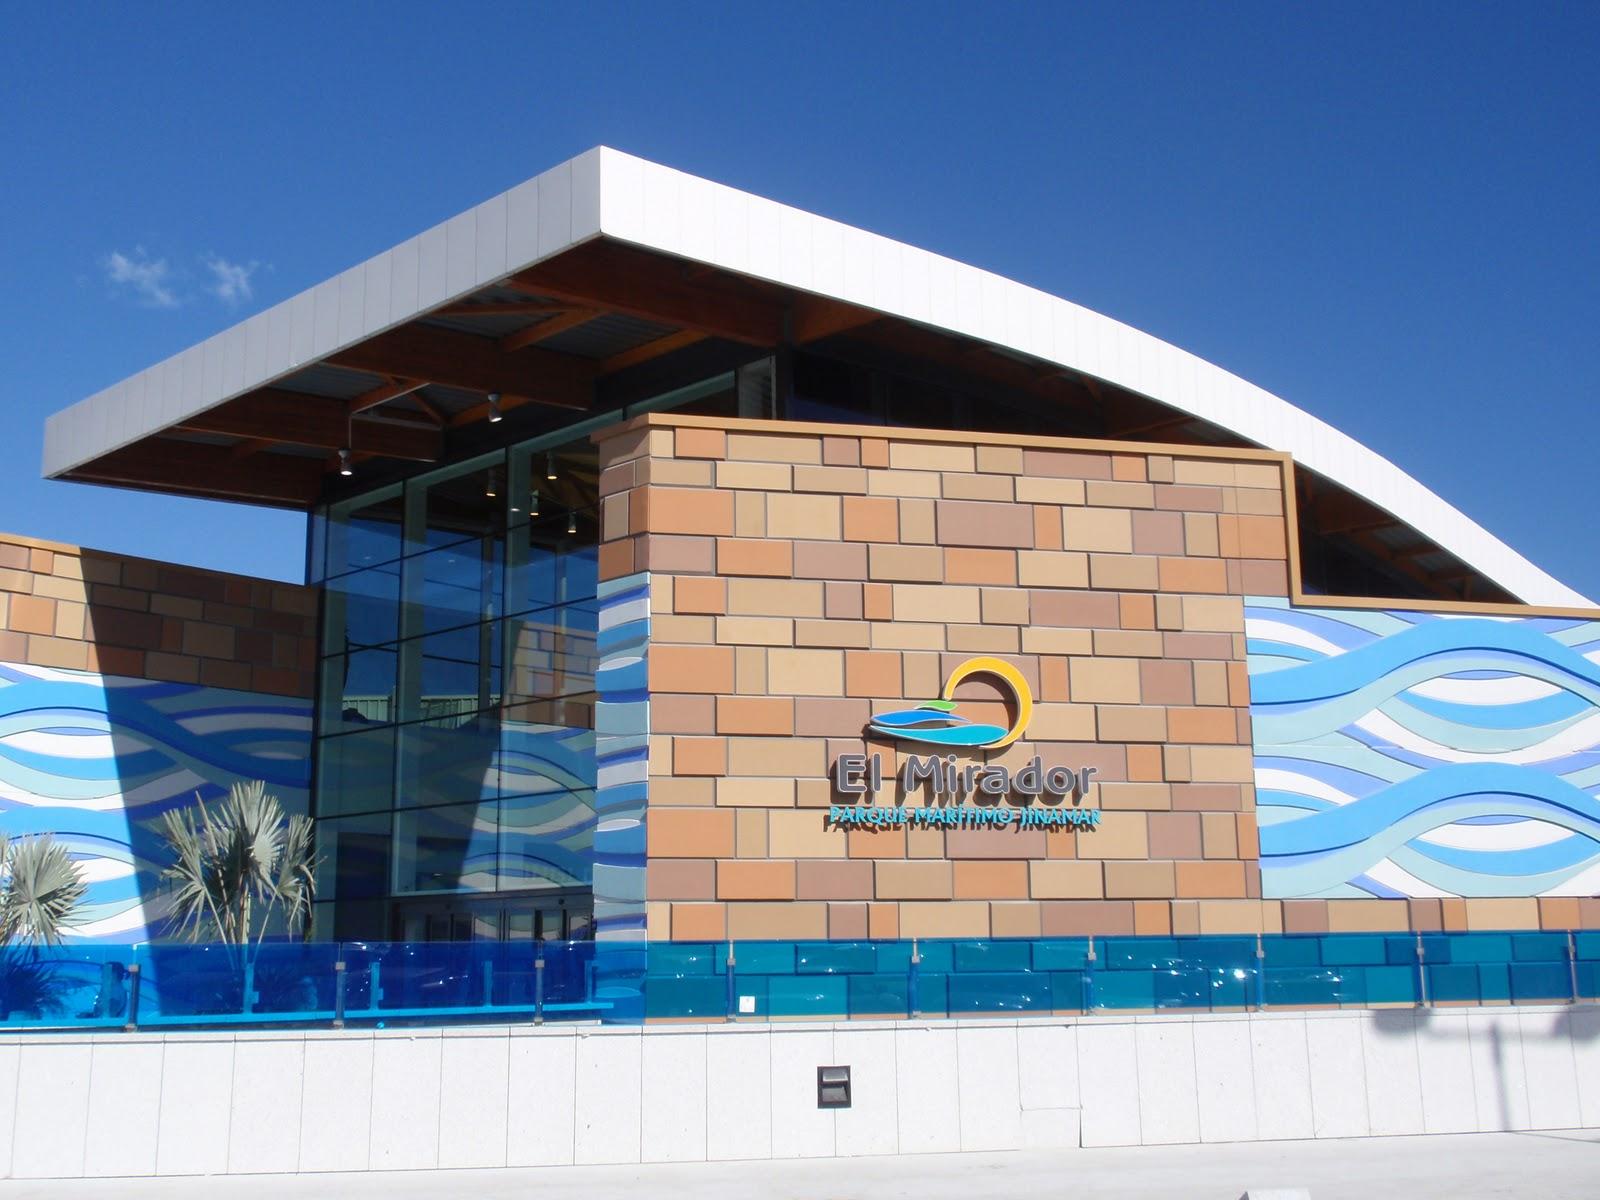 .: Centro Comercial El Mirador.Parque Maritimo de Jinamar